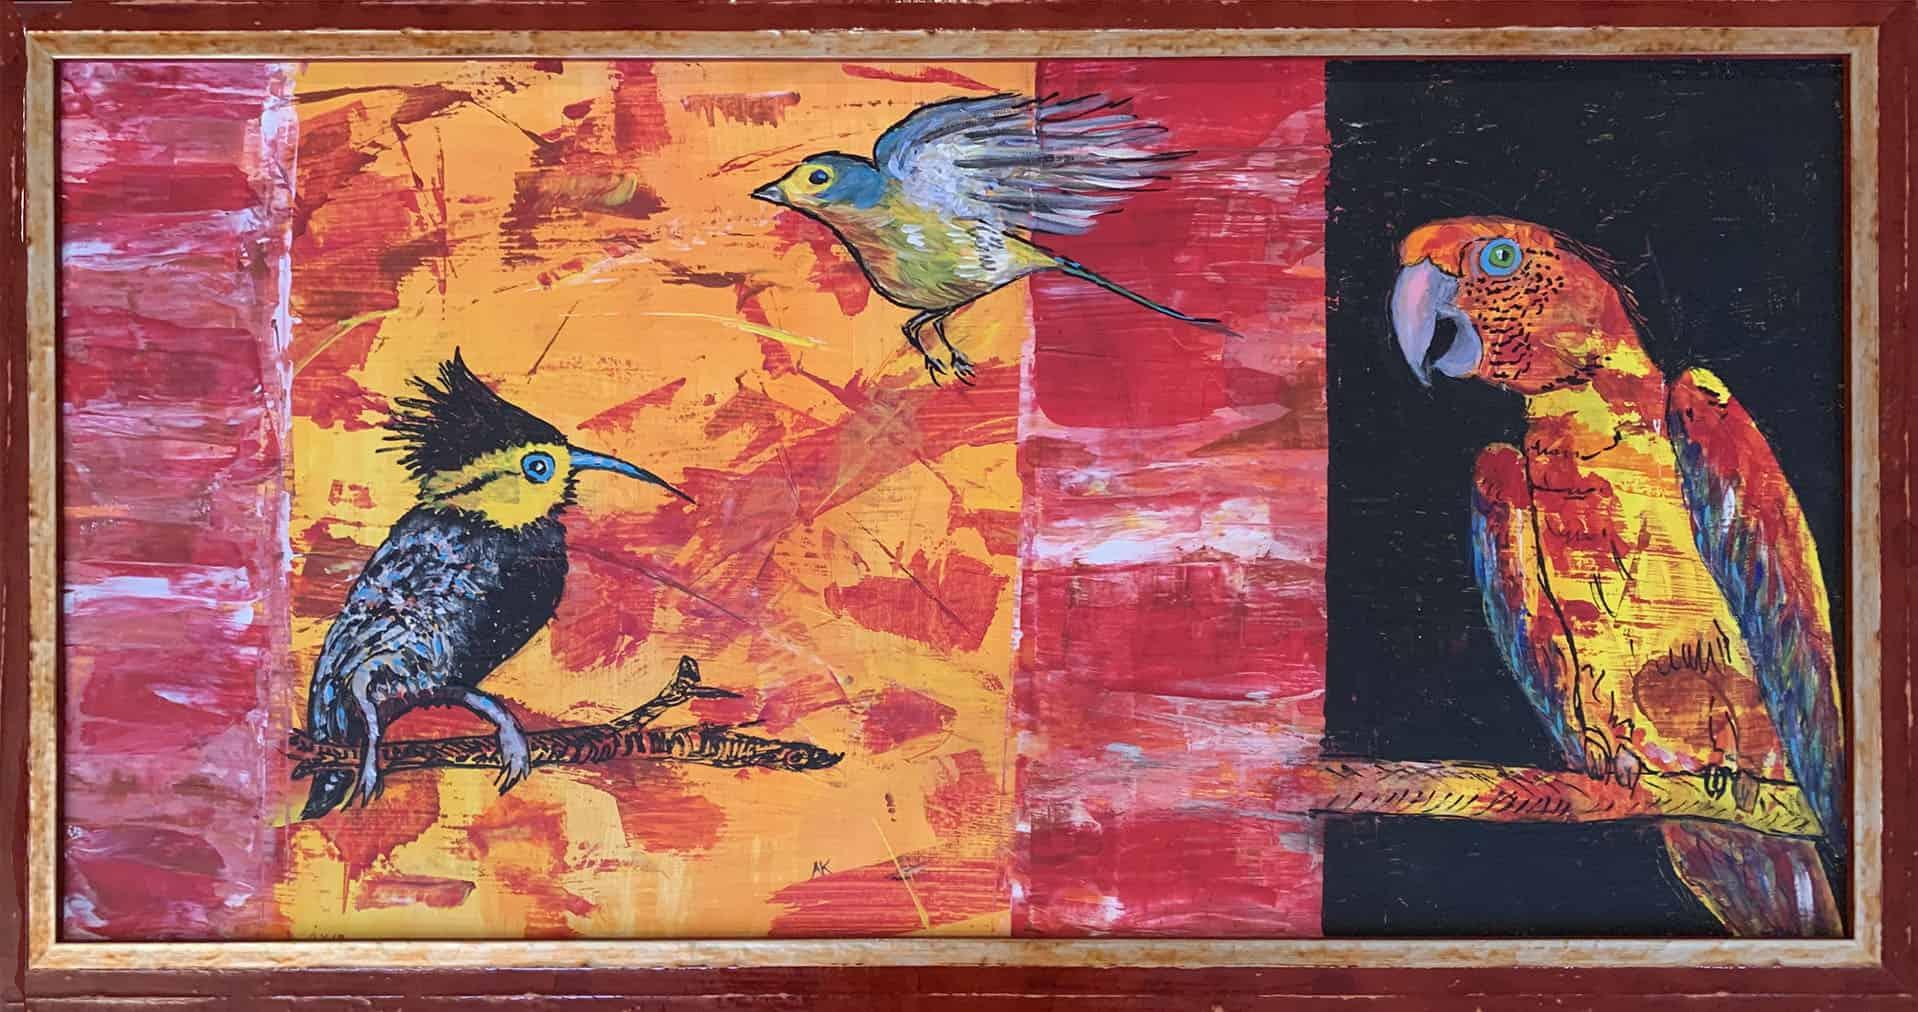 Bild Keusch-Wannags 4 Papagei 40 x 80 cm